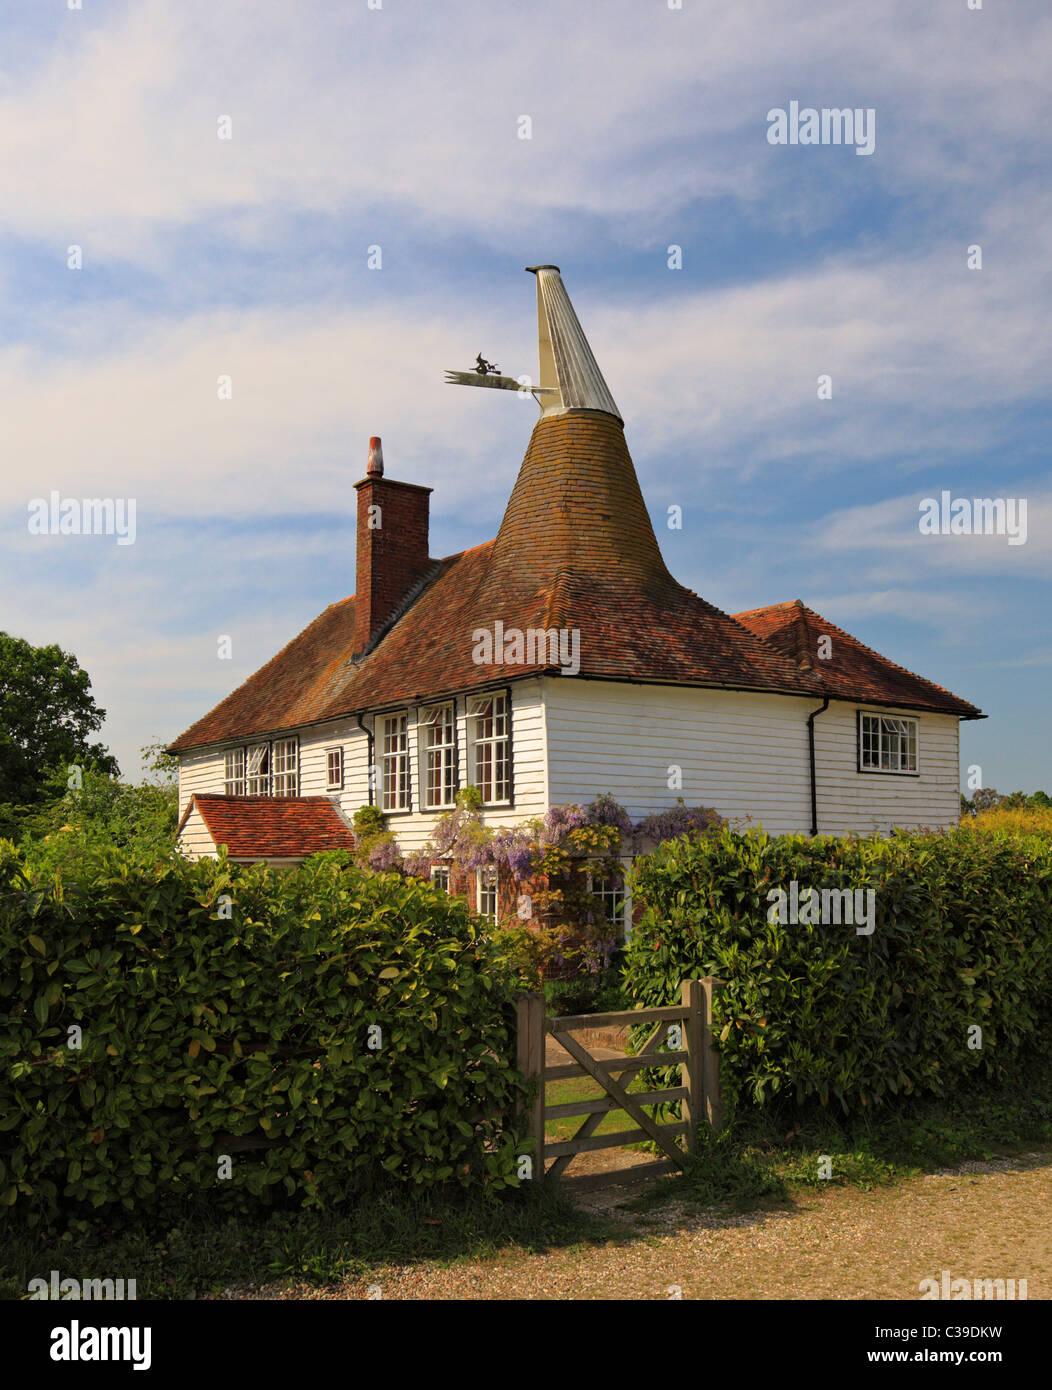 Rare à la vieille maison Oast avec un toit rond et carré. Photo Stock